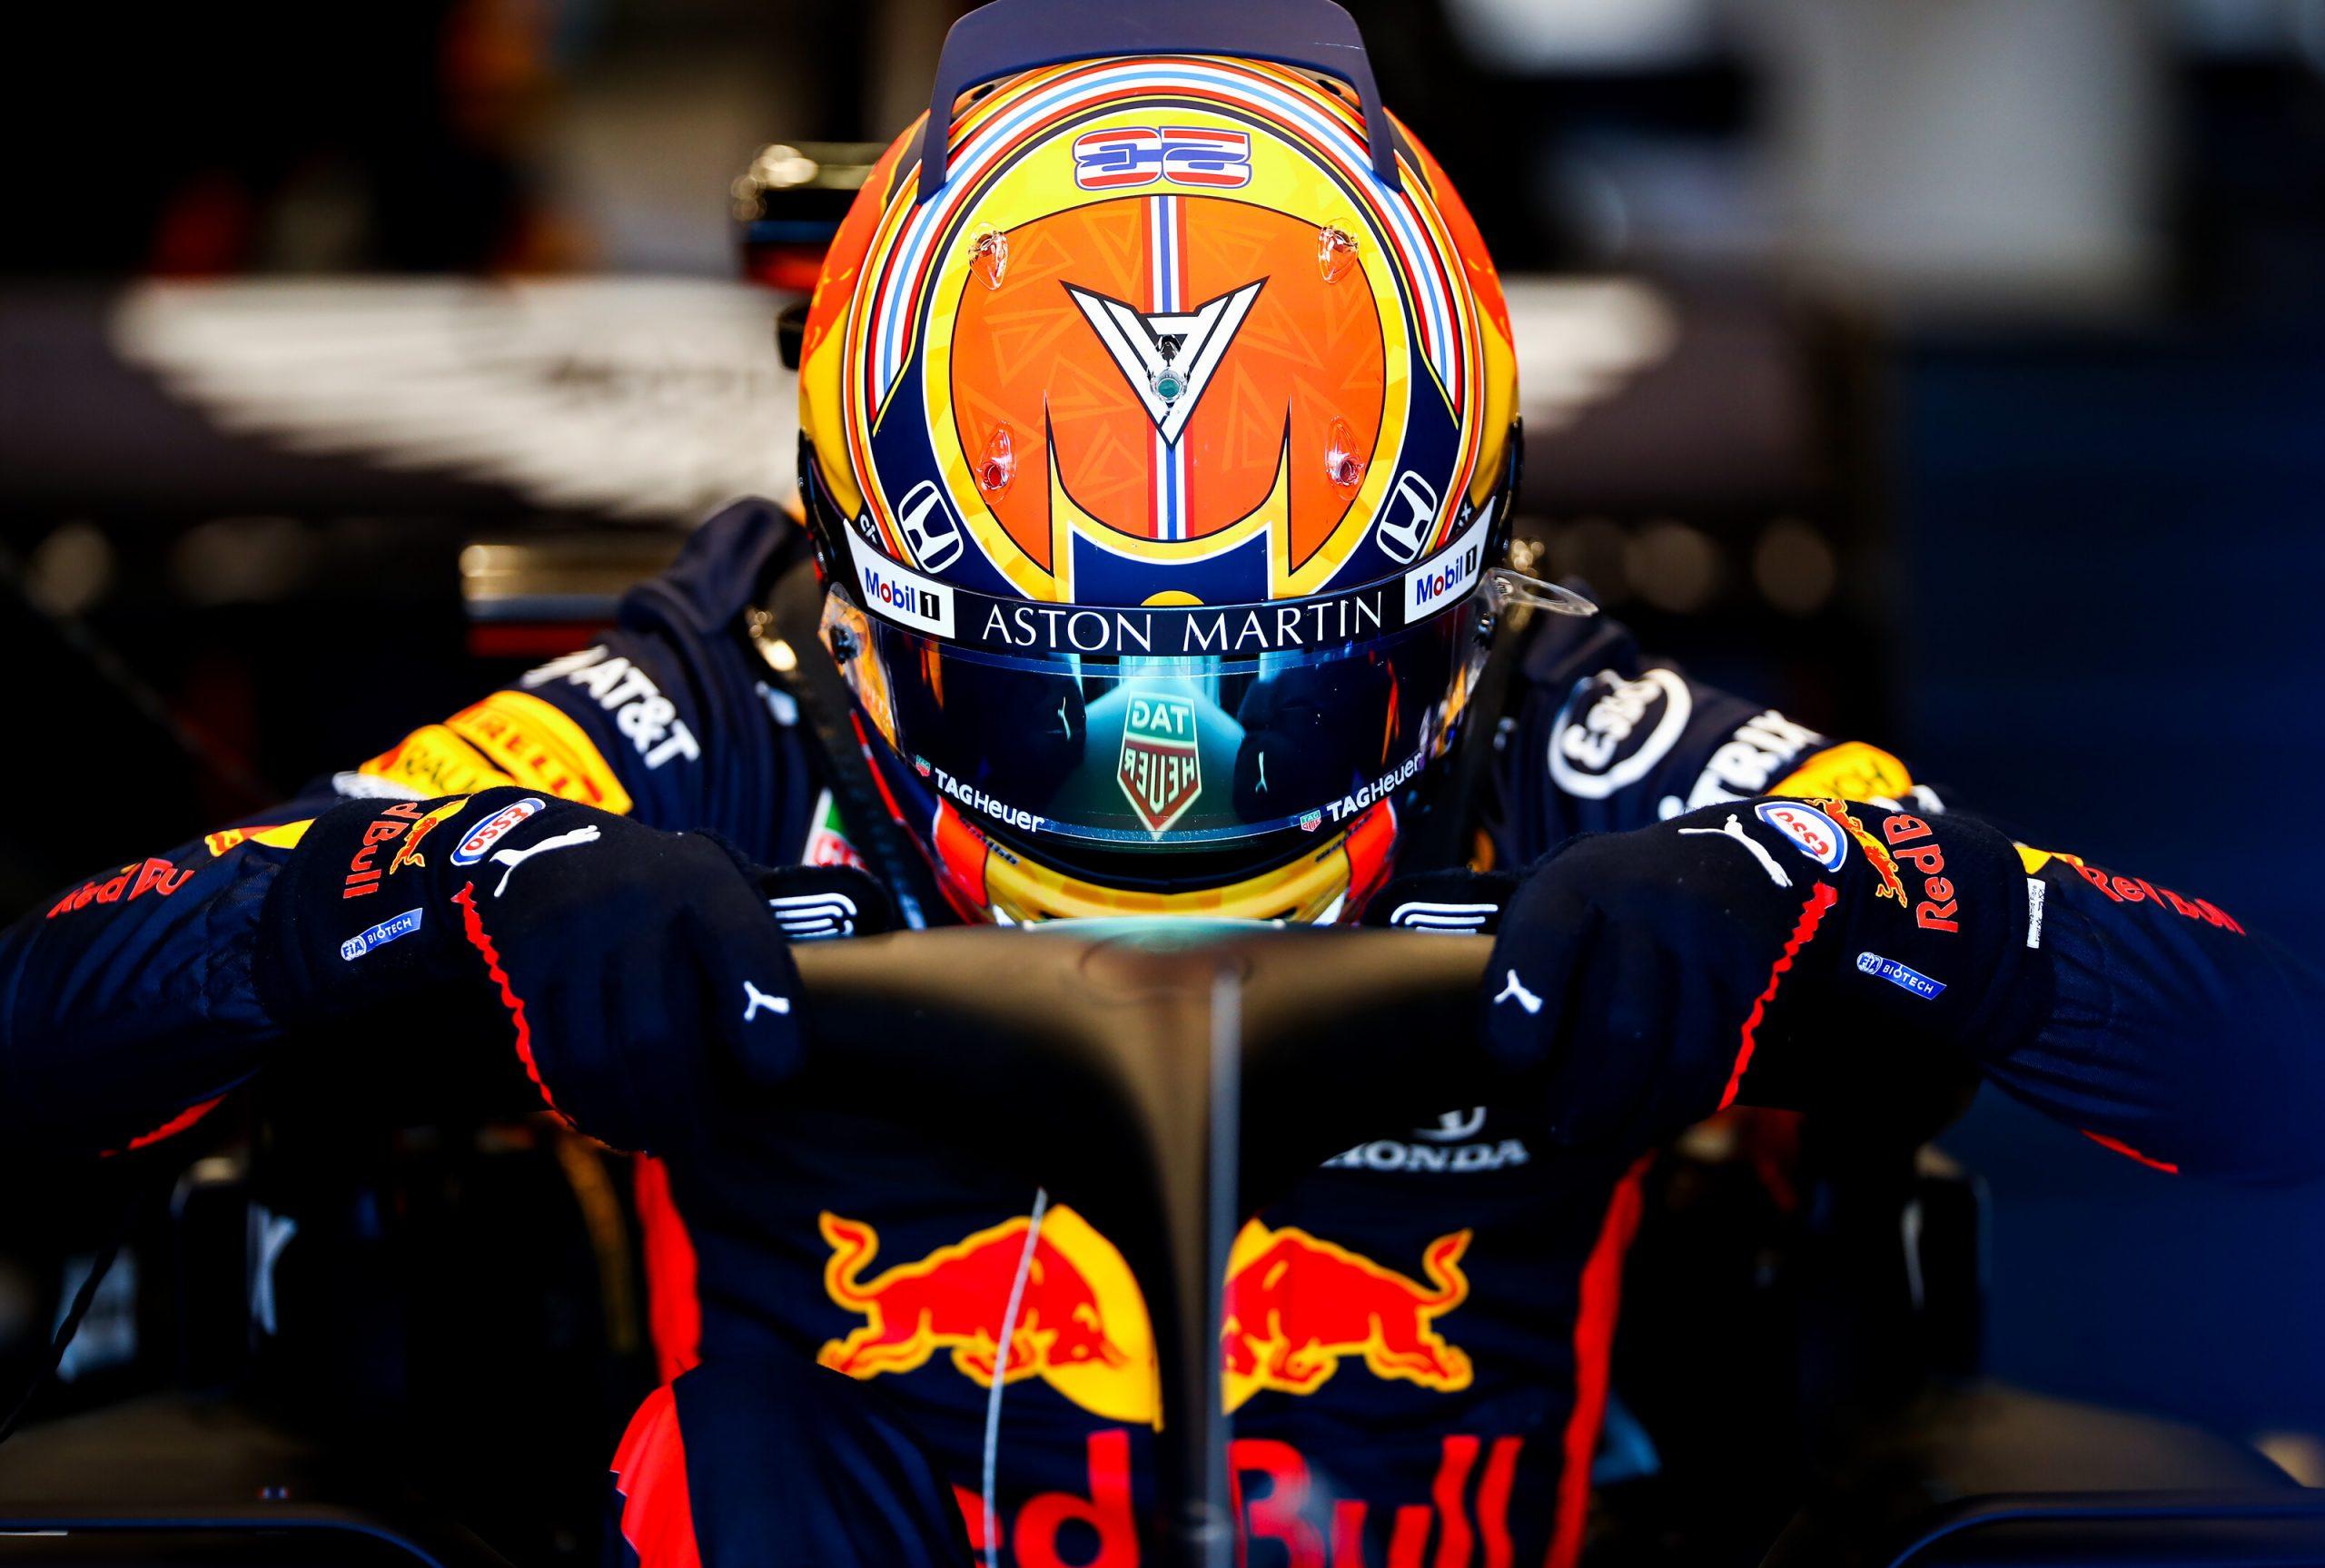 Les photos du shakedown de Red Bull à Silverstone 1